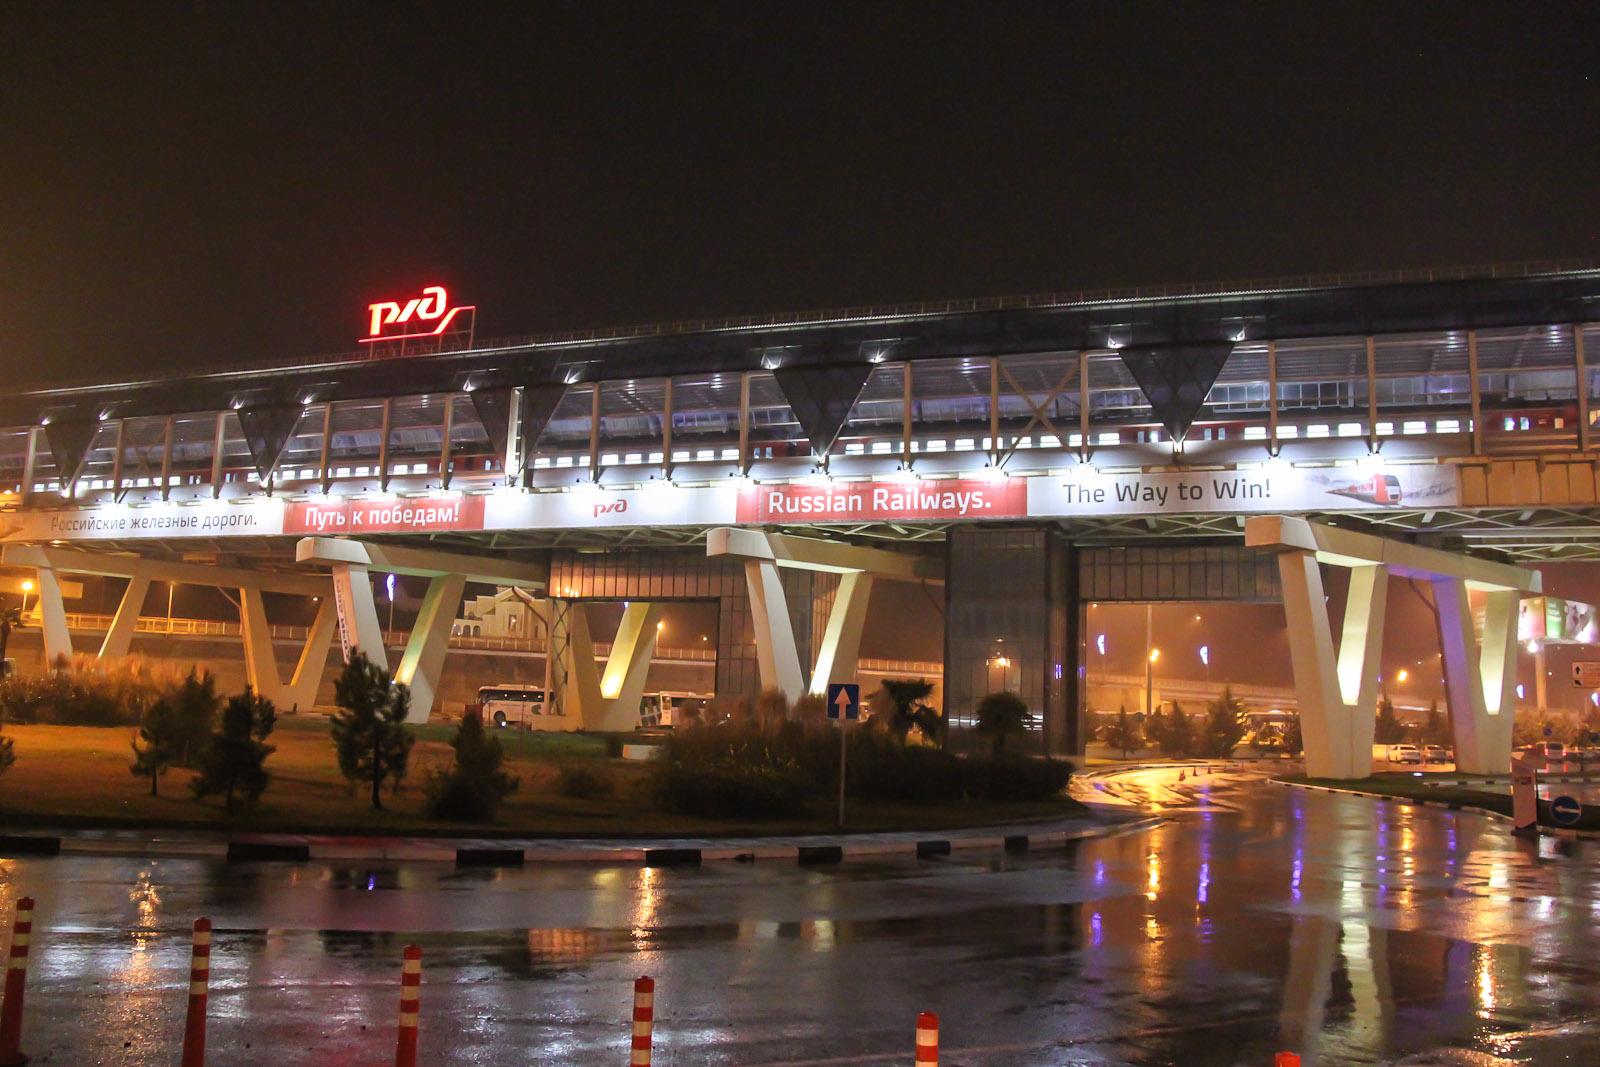 Железнодорожная станция Аэроэкспресса в аэропорту Сочи